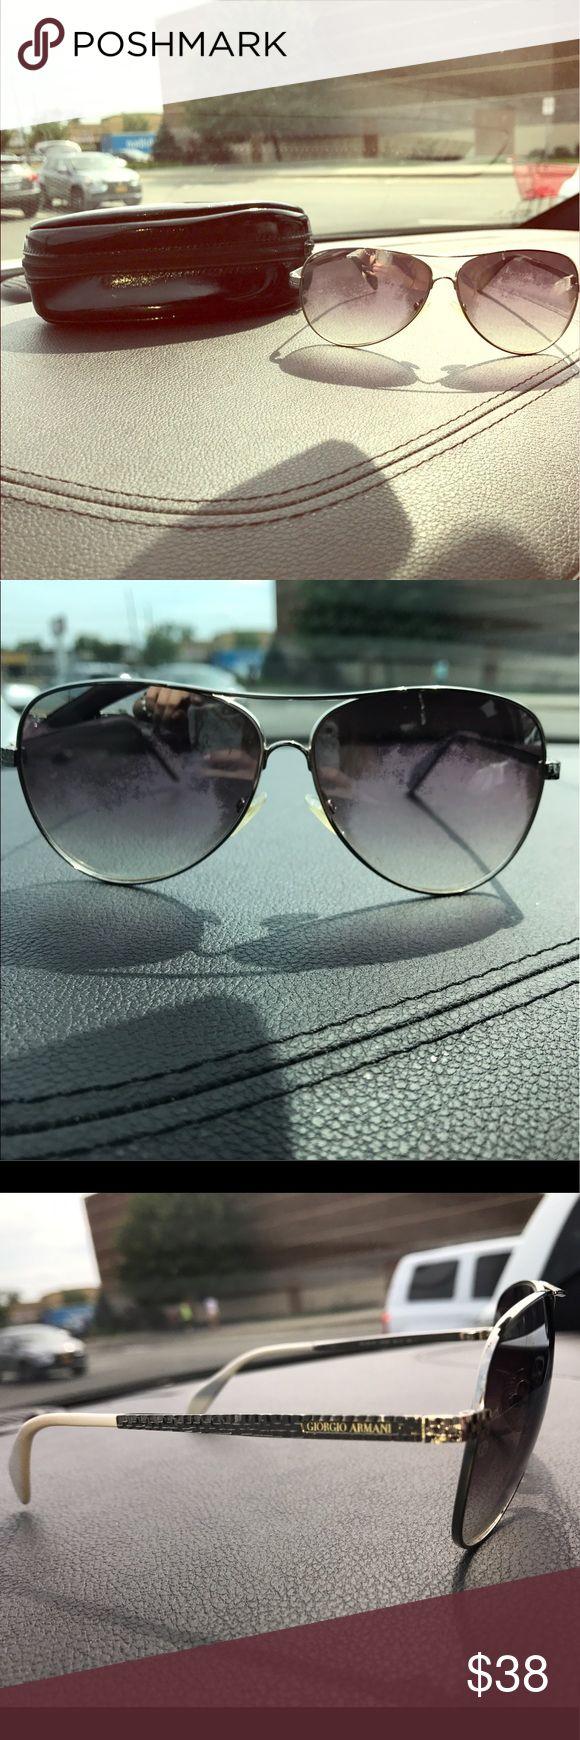 Giorgio Armani Silver Aviator Sunglasses classic silver framed tinted aviator sunglasses with white & chrome silver legs. in good used condition. comes with black soft pouch & cleaning cloth. Giorgio Armani Accessories Sunglasses